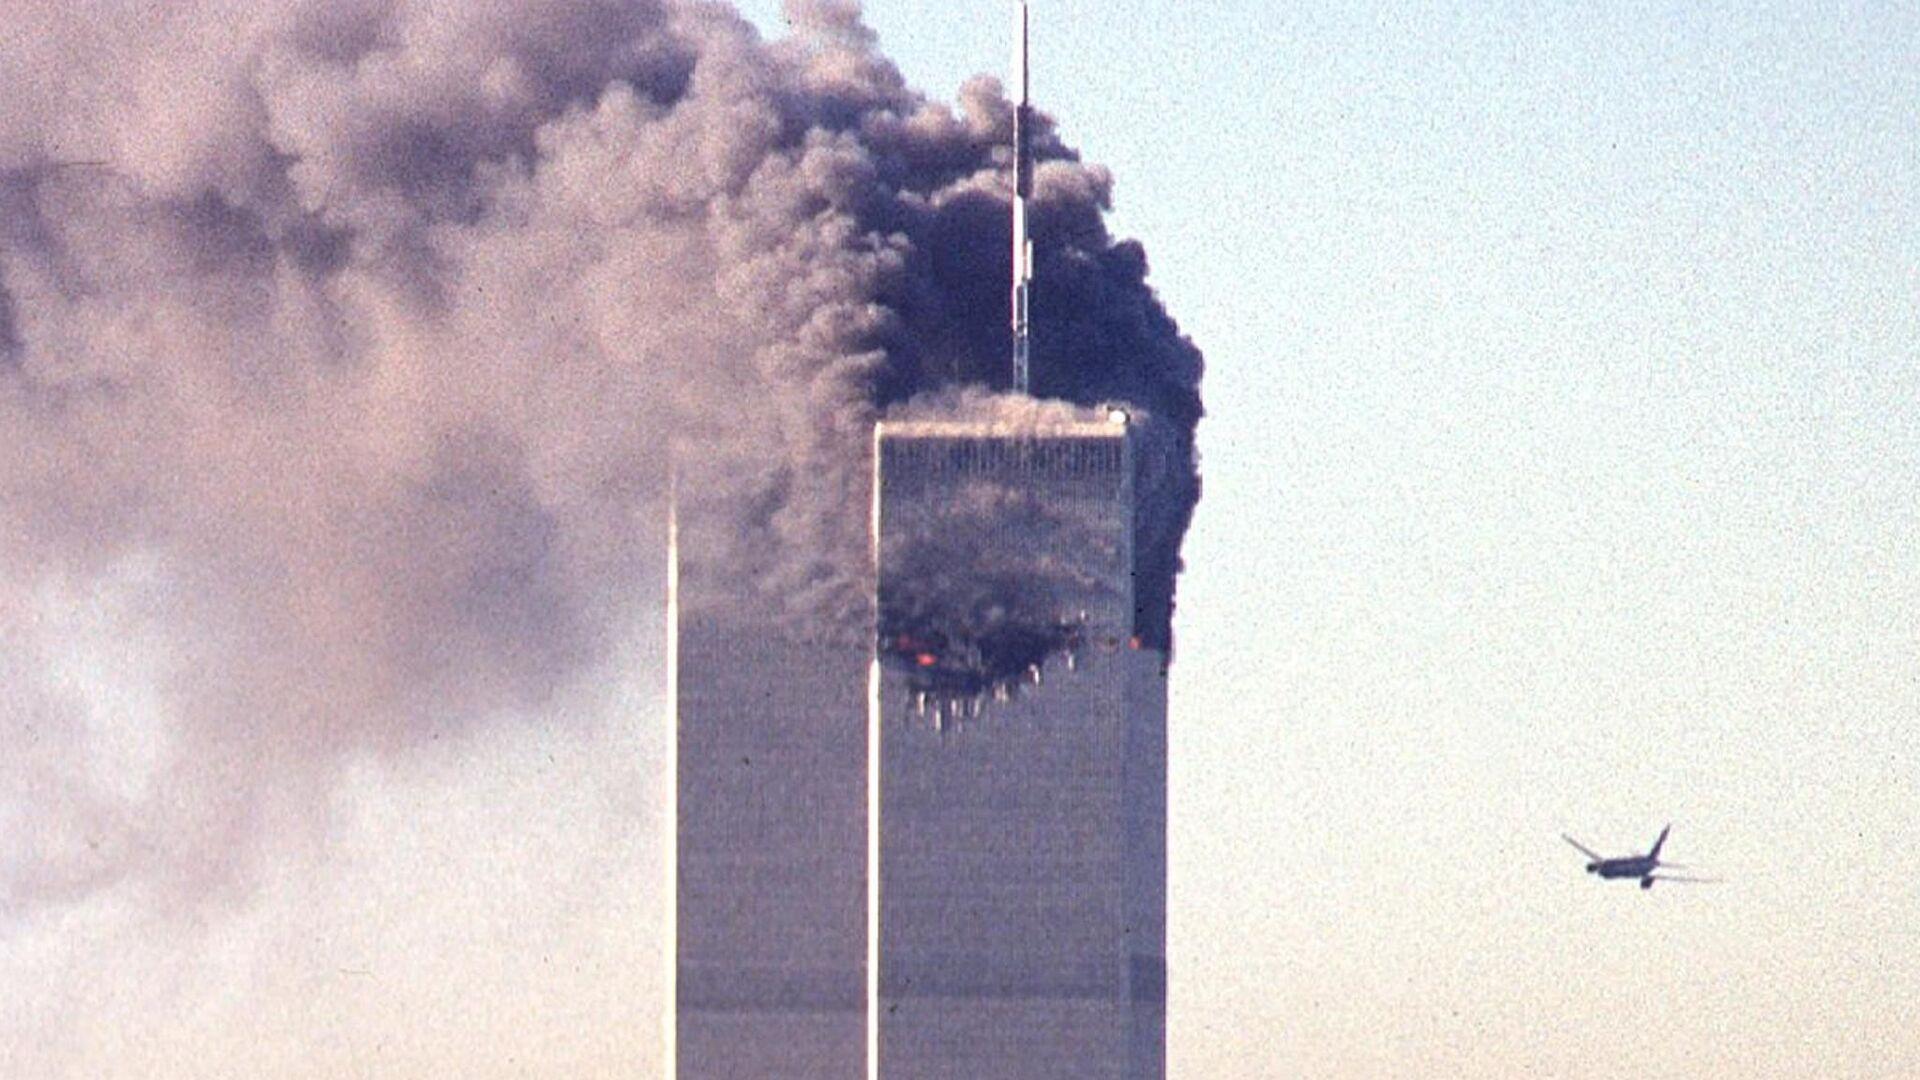 Útok z 11. září 2001v New Yorku - Sputnik Česká republika, 1920, 24.08.2021